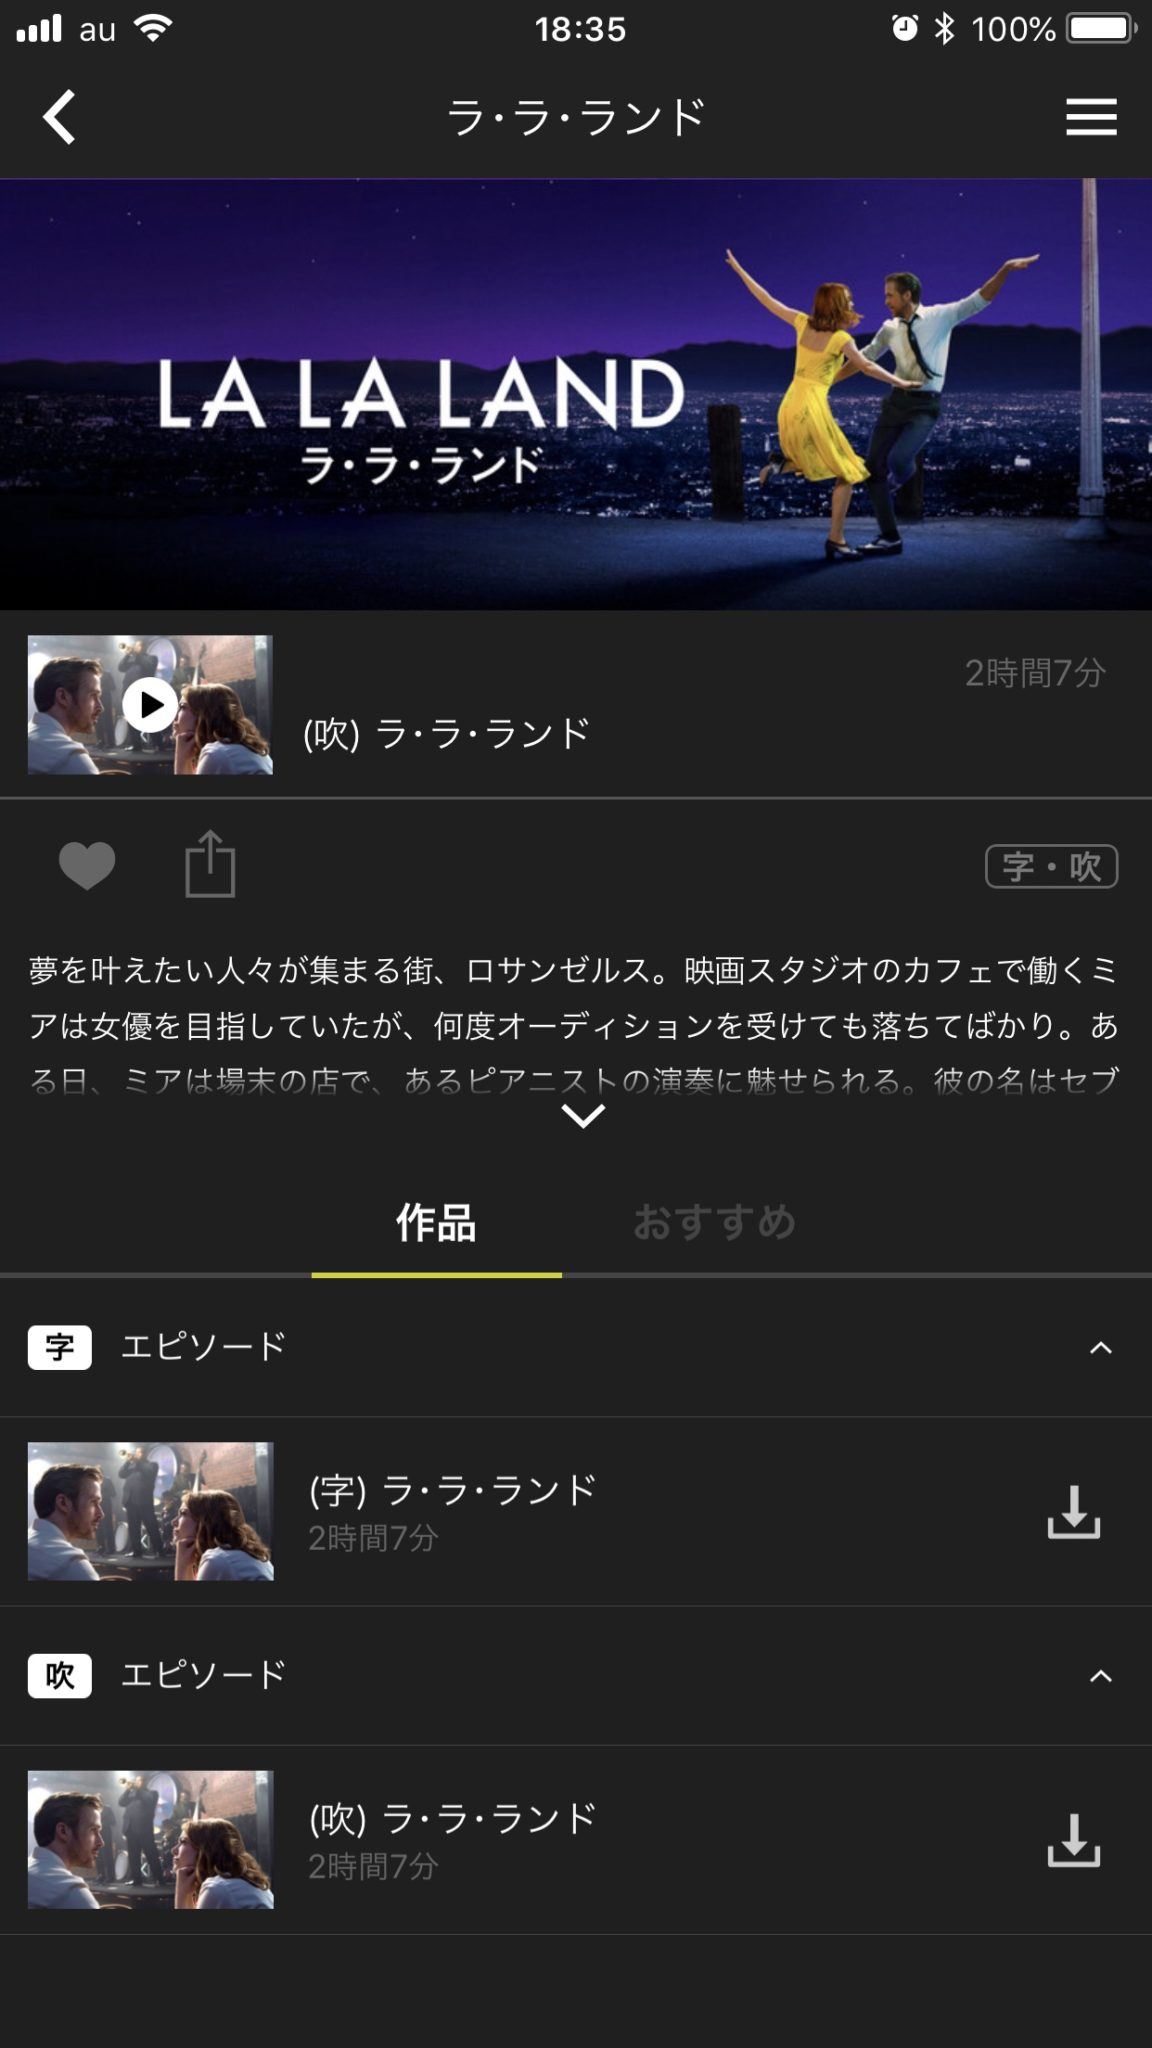 ダウンロードできる動画には矢印マークがついている